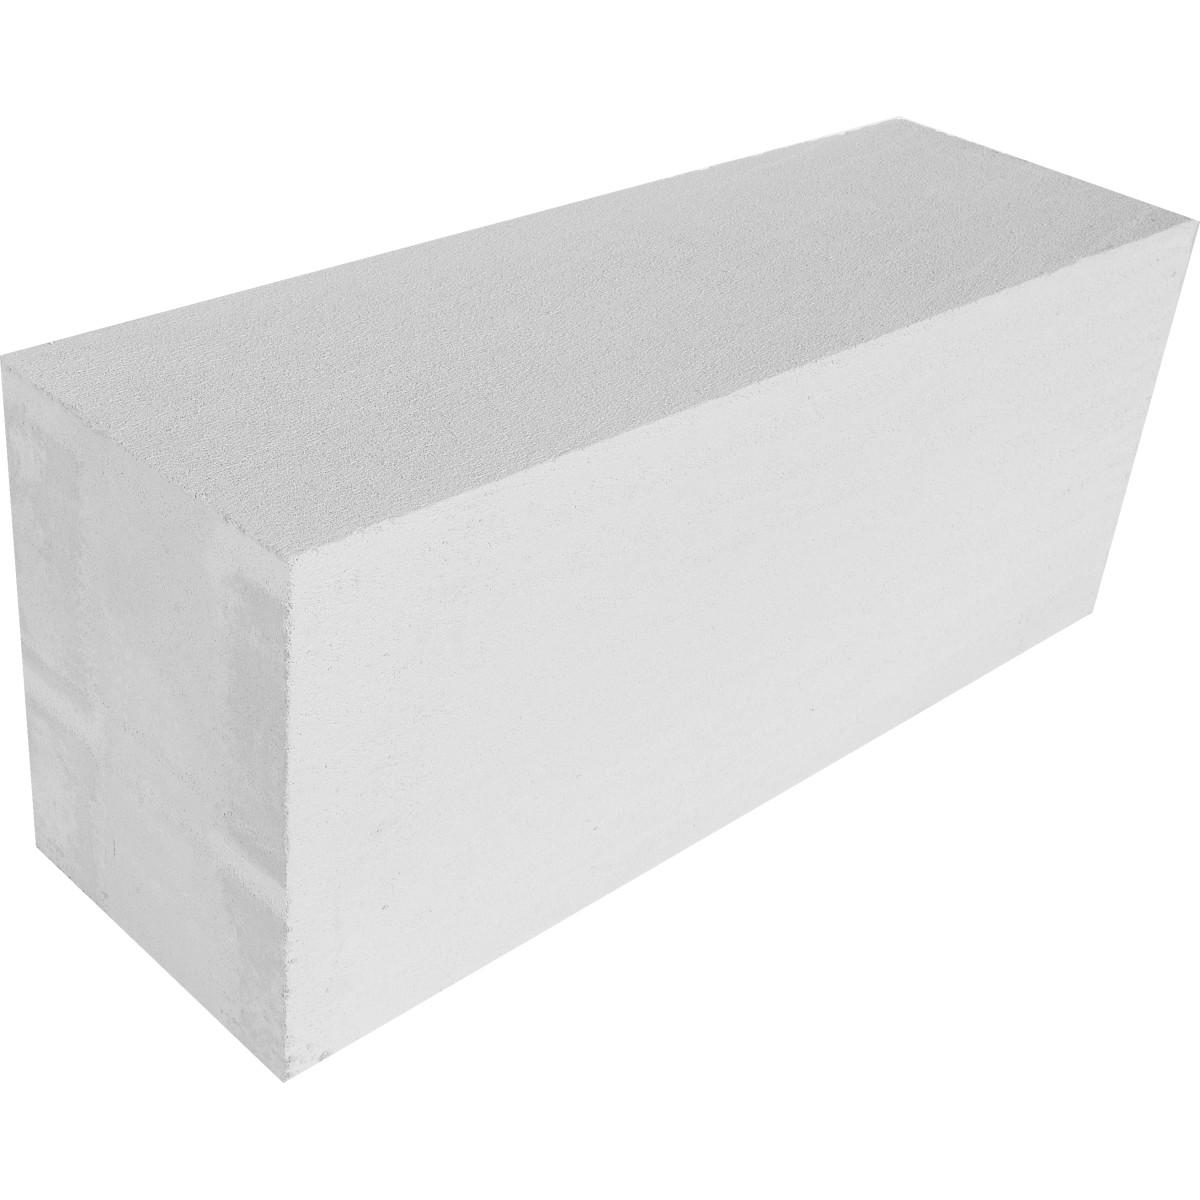 Блок газобетонный D500 625x250x200 мм